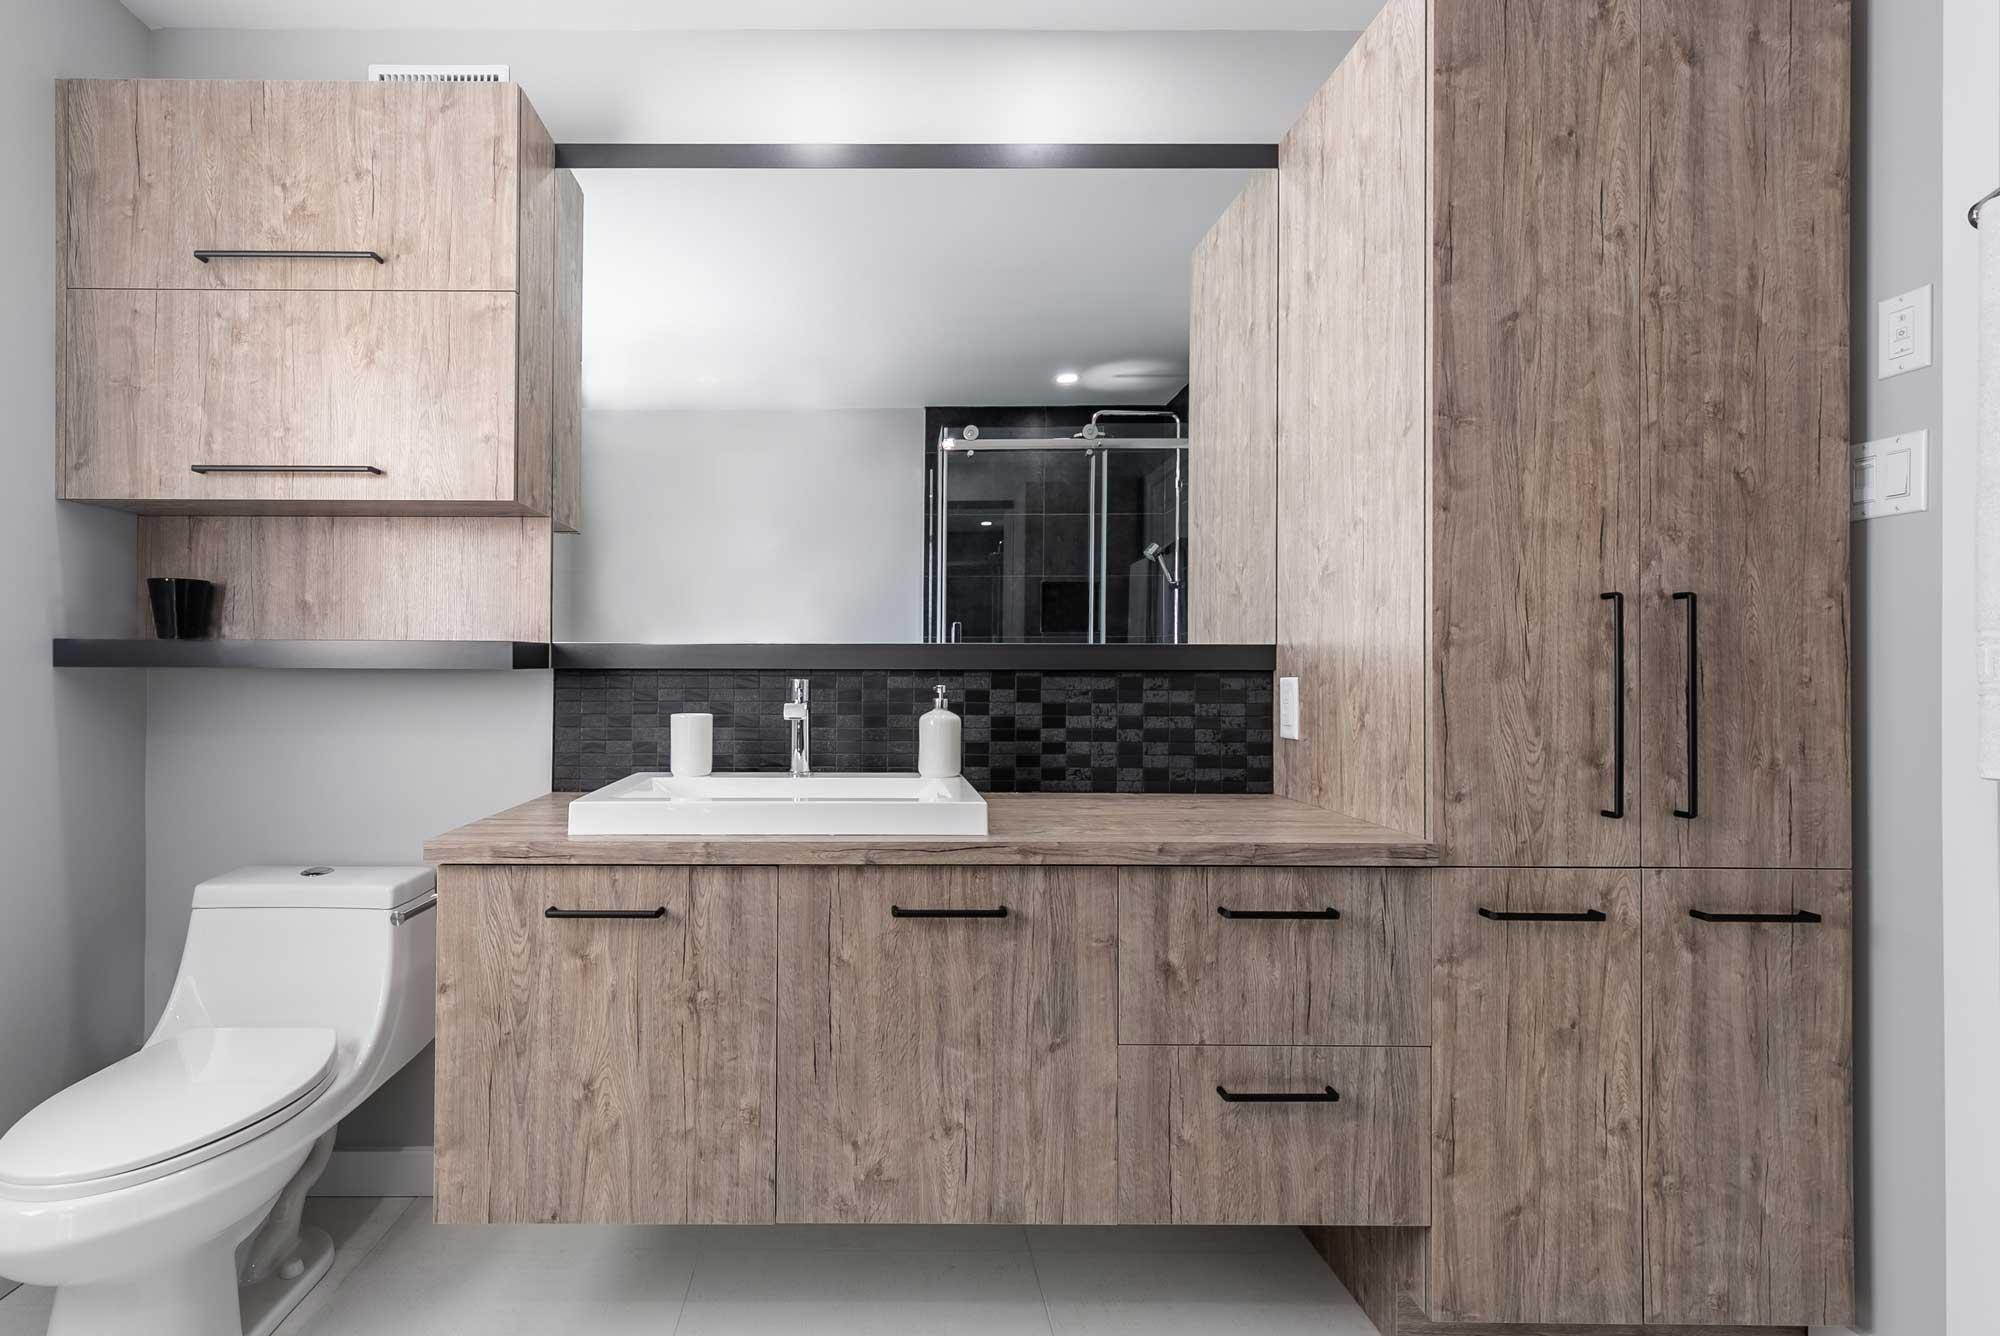 armoires de salle de bain beiges avec poignées noires et grand miroir